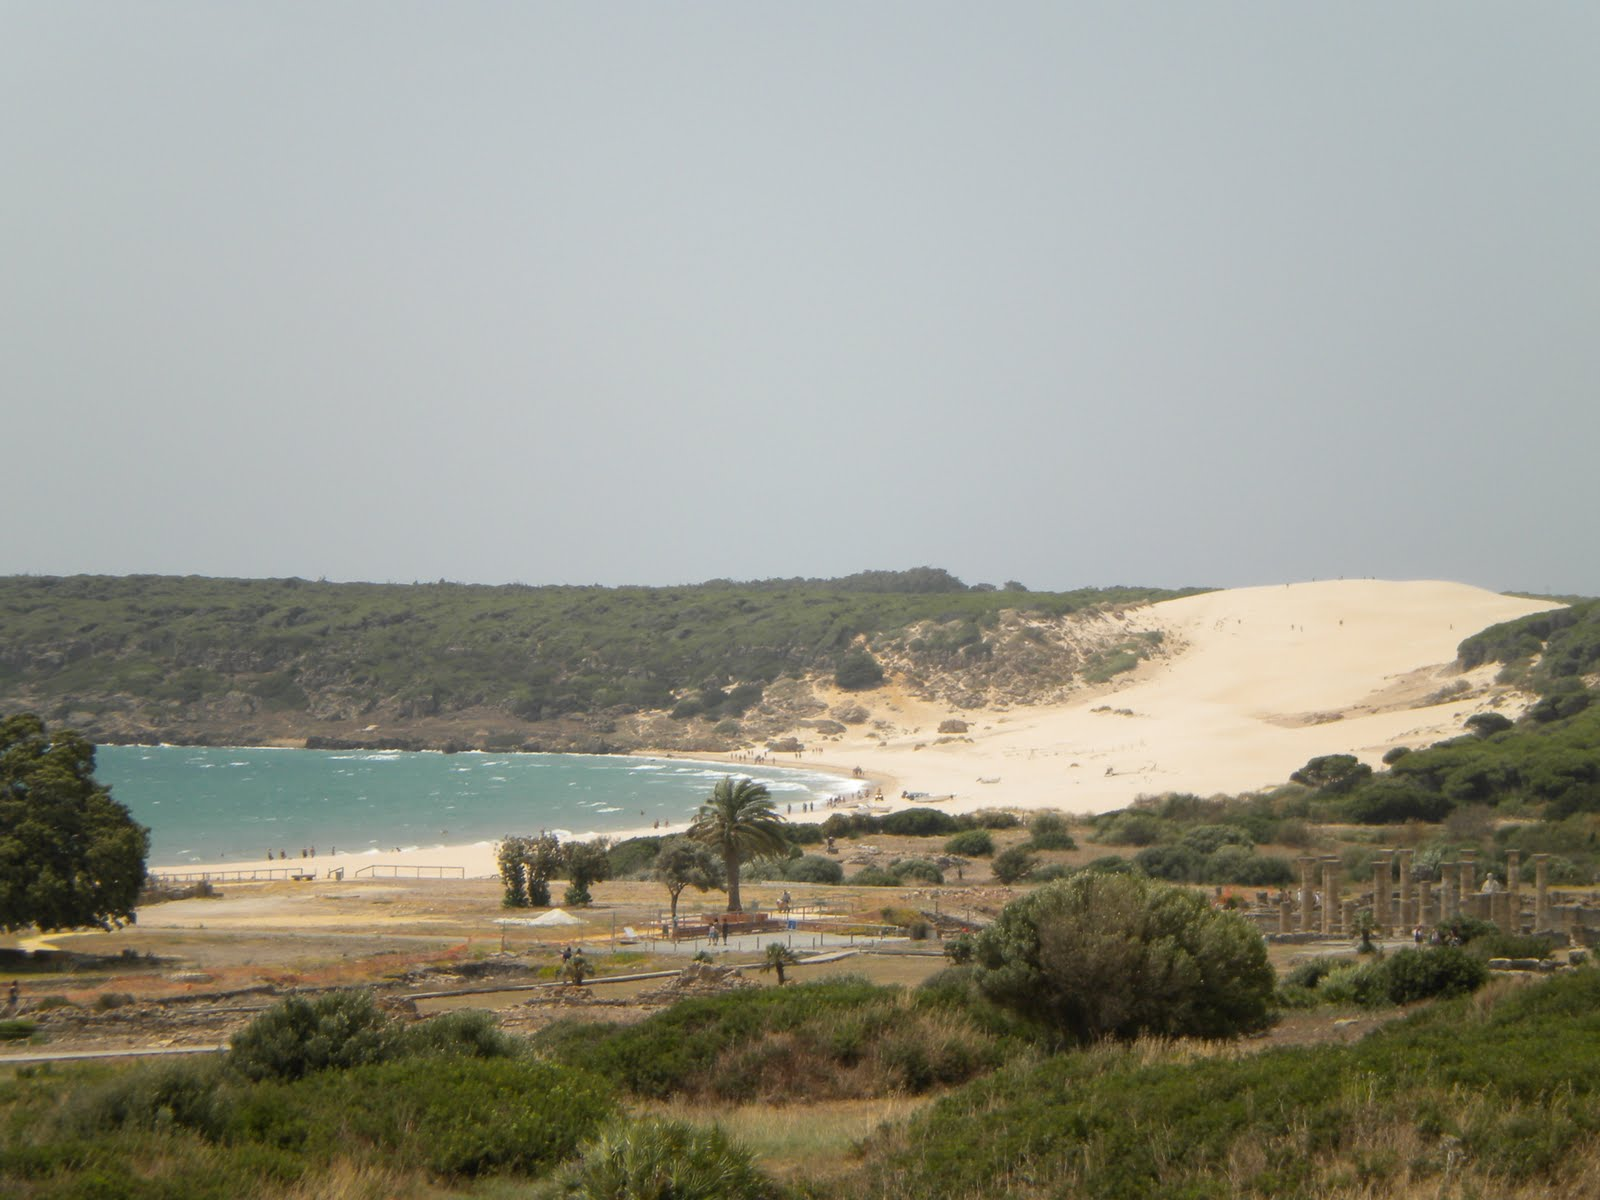 Gracias a quemepartaunrayo agosto 2011 - Carro playa carrefour ...